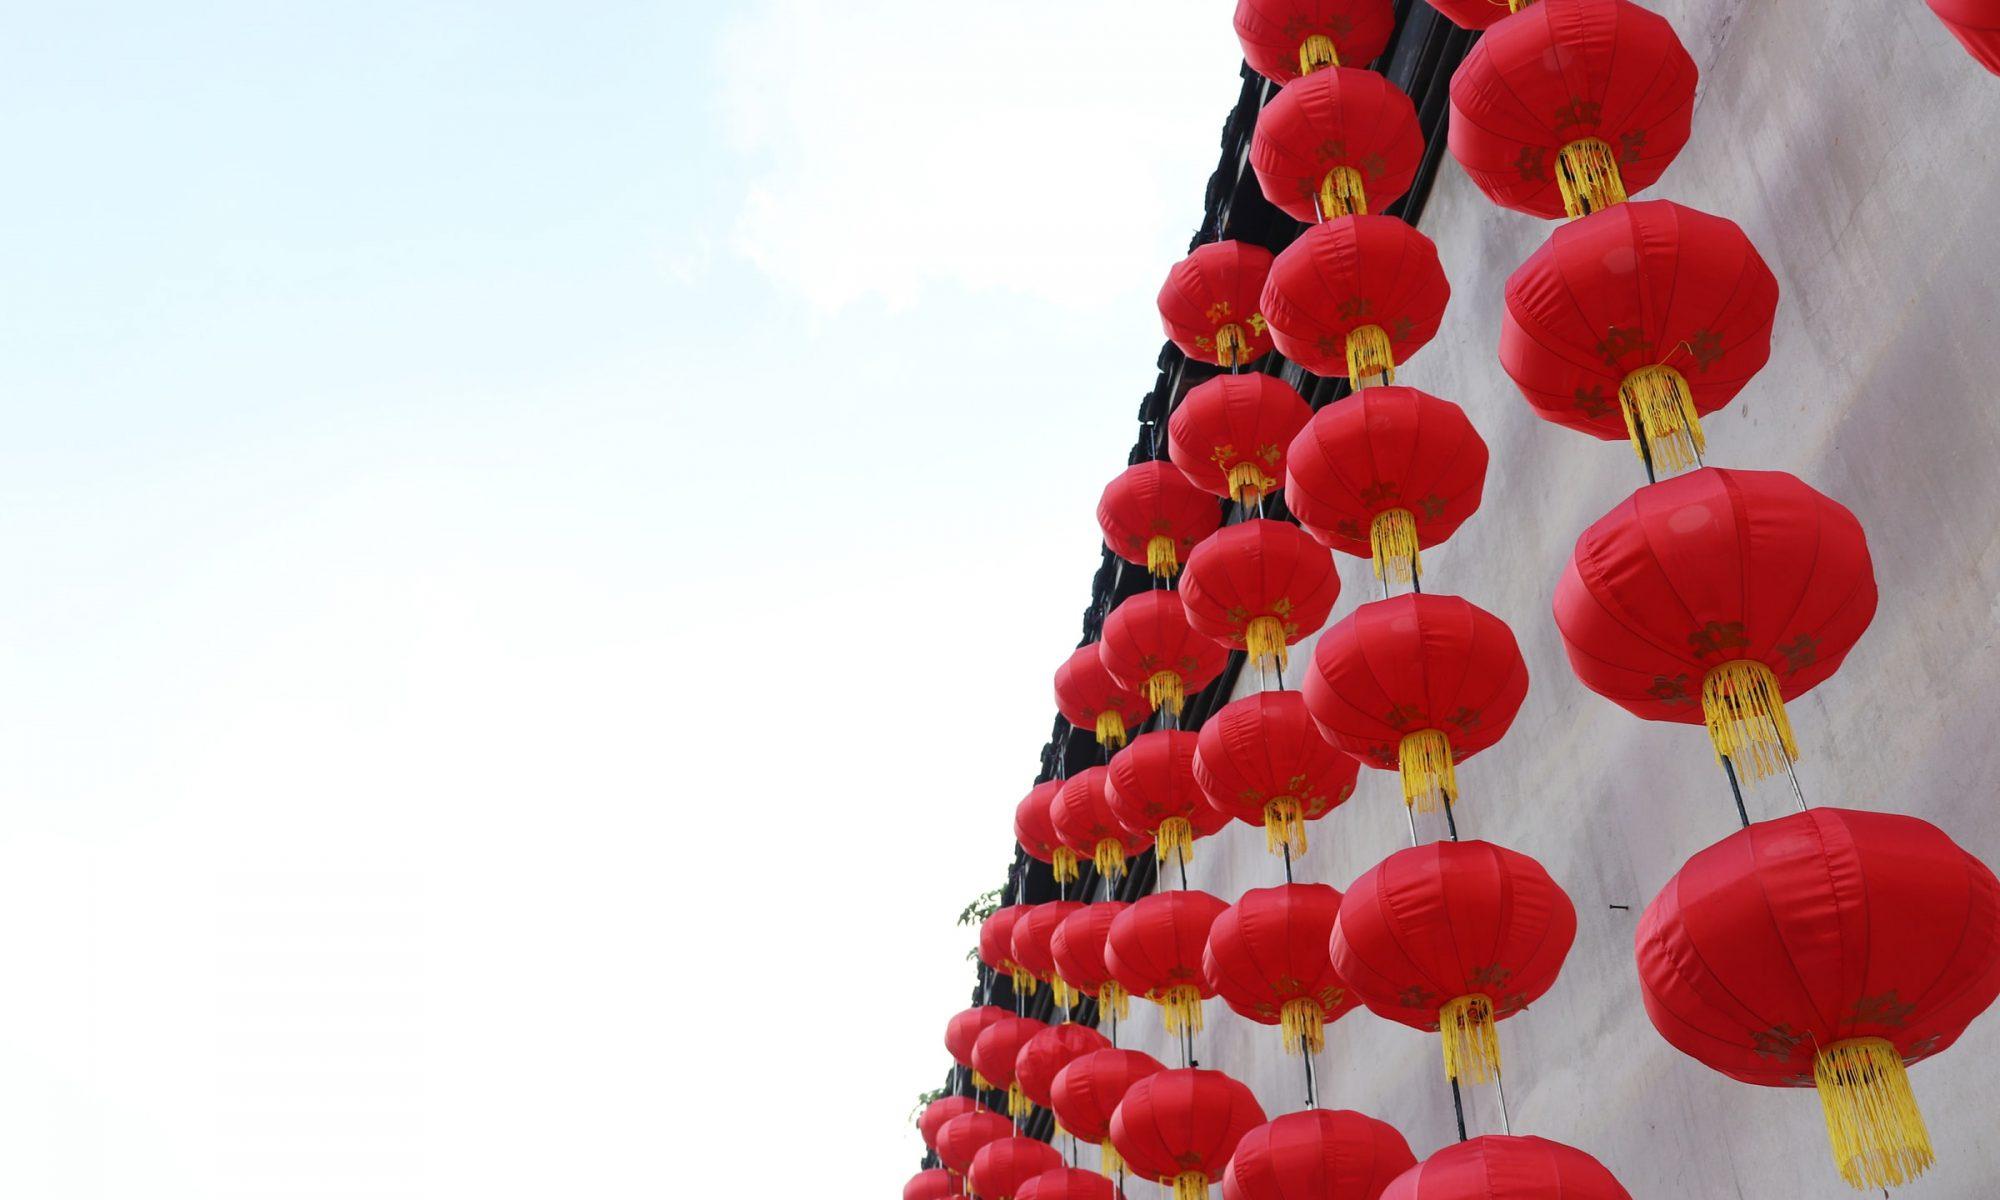 une-image-vaut-mille-mots-confucius-1000-citations-proverbes-chinois-explication-argument-livre-pdf-philosophie-liu-leo